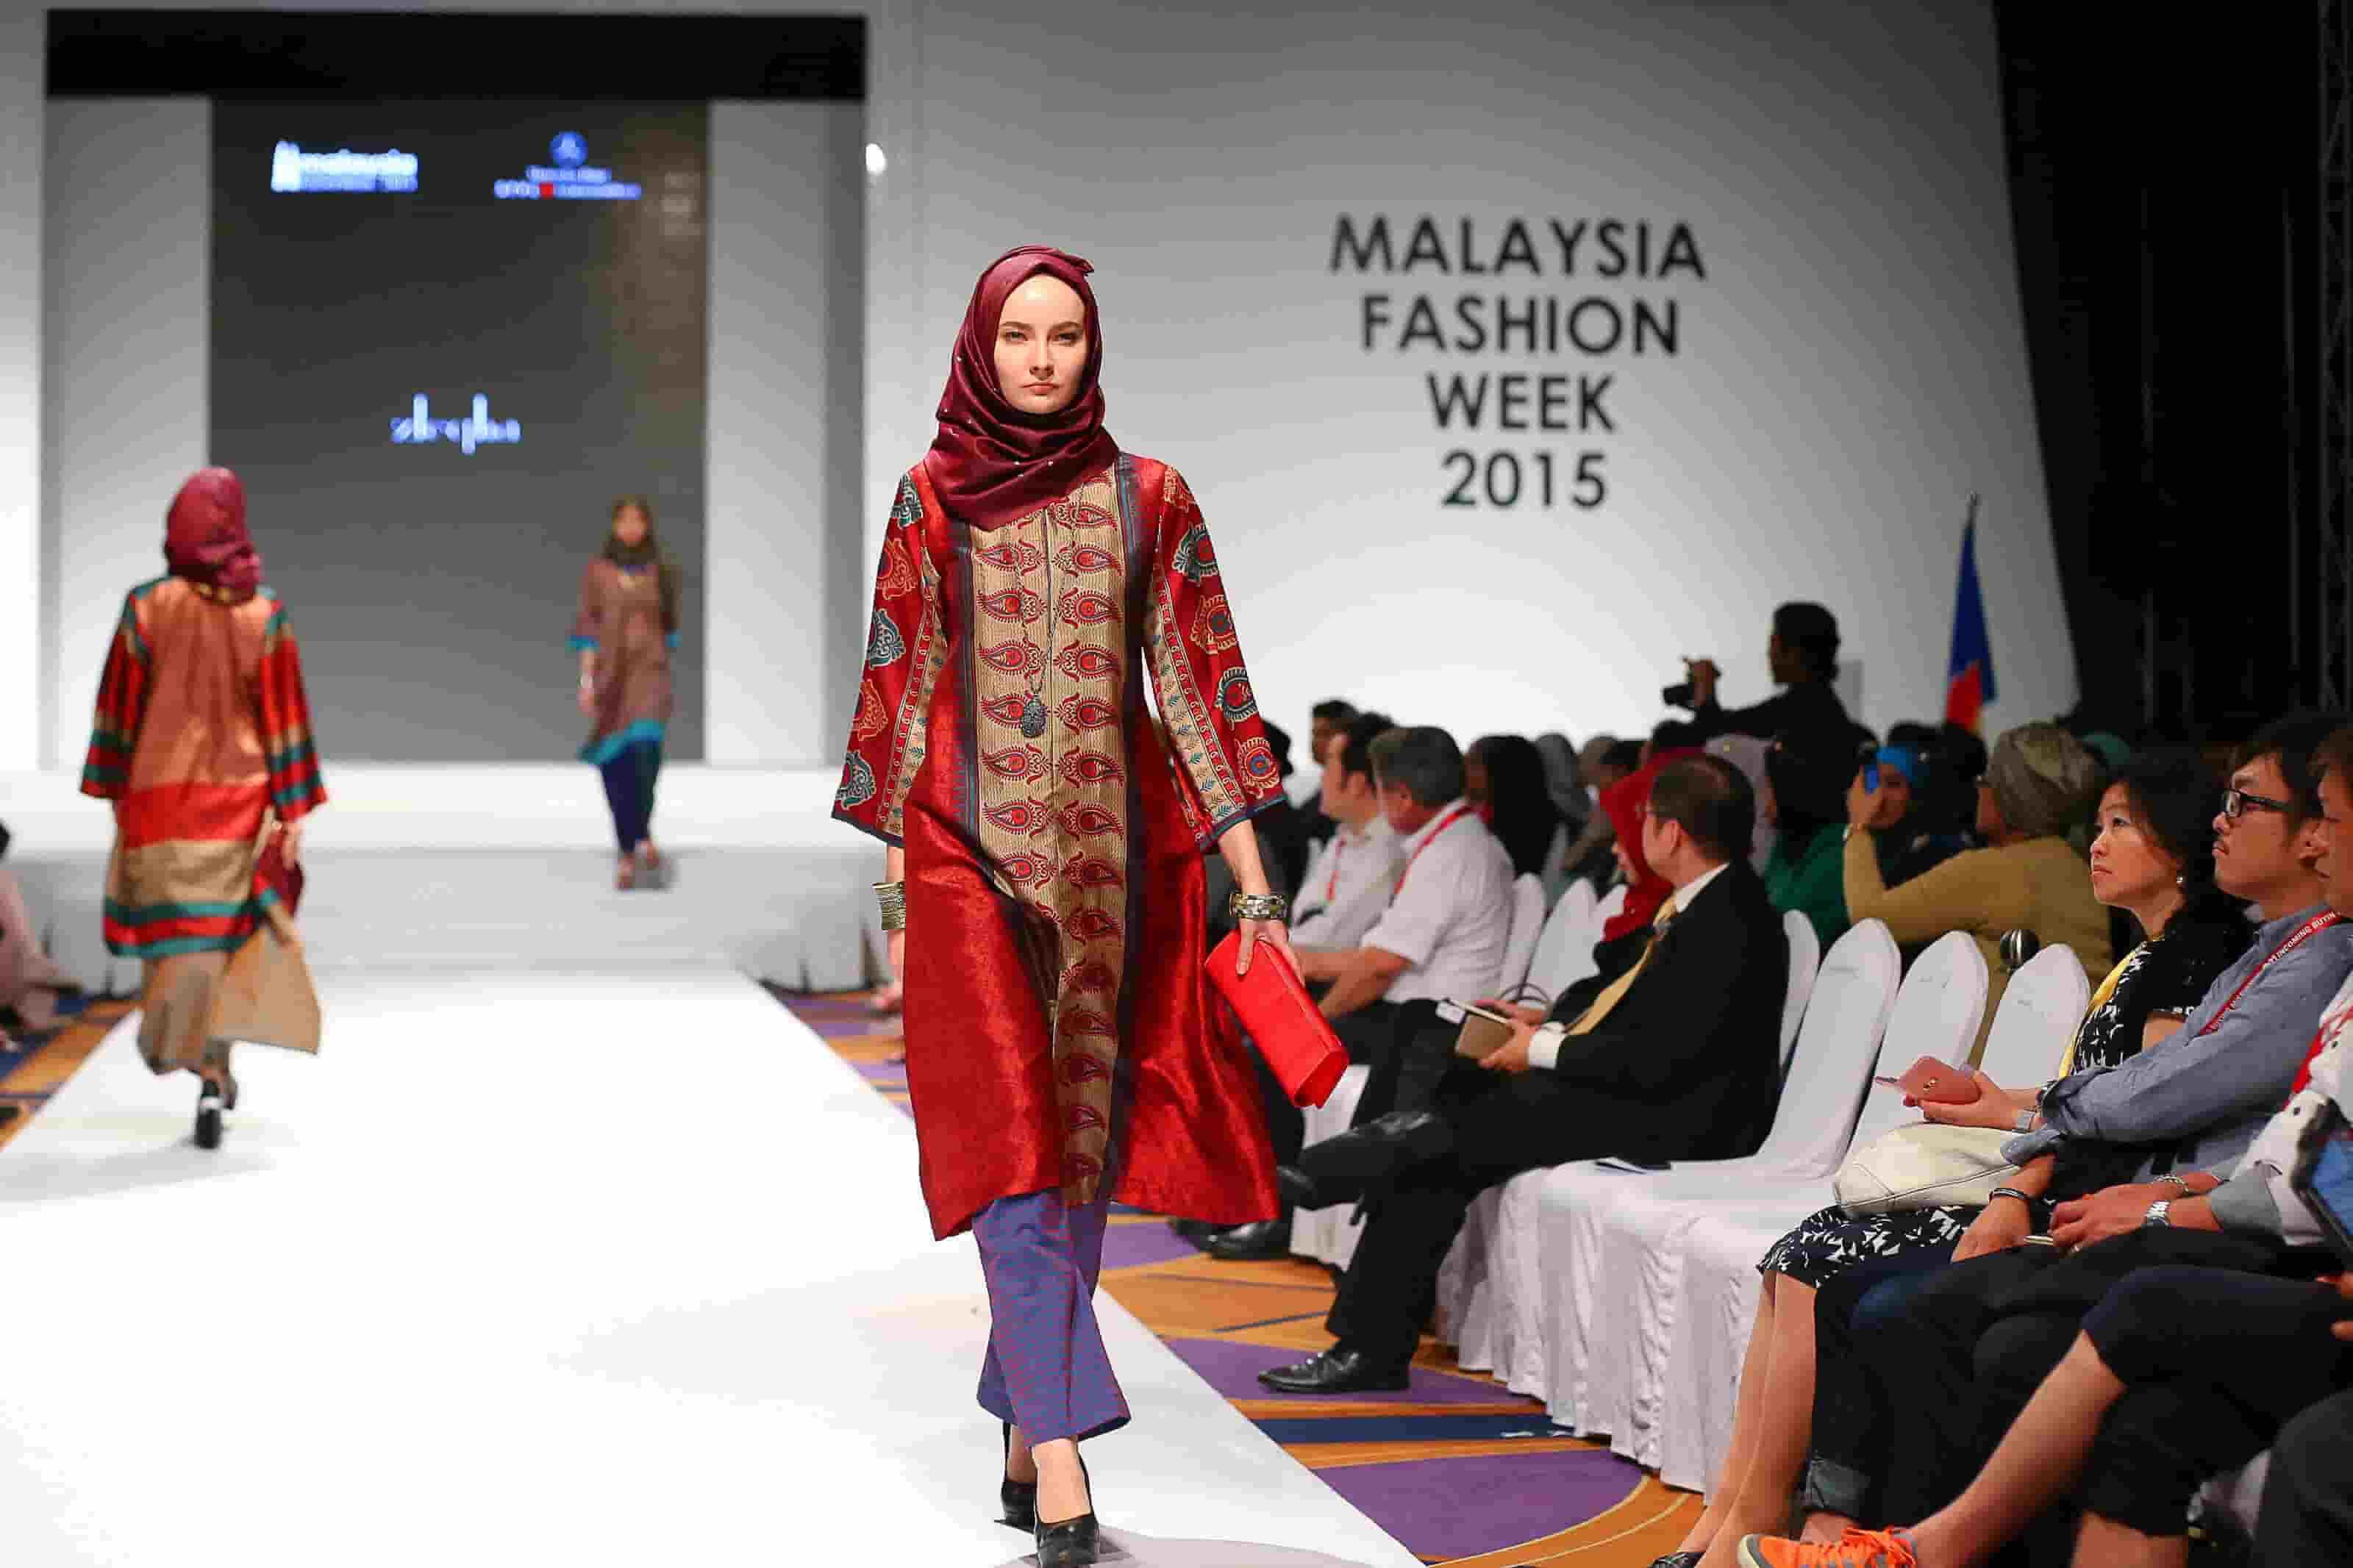 کت والک مانکن های با حجالب در فشن ویک ۲۰۱۵ کوالالامپور مالزی